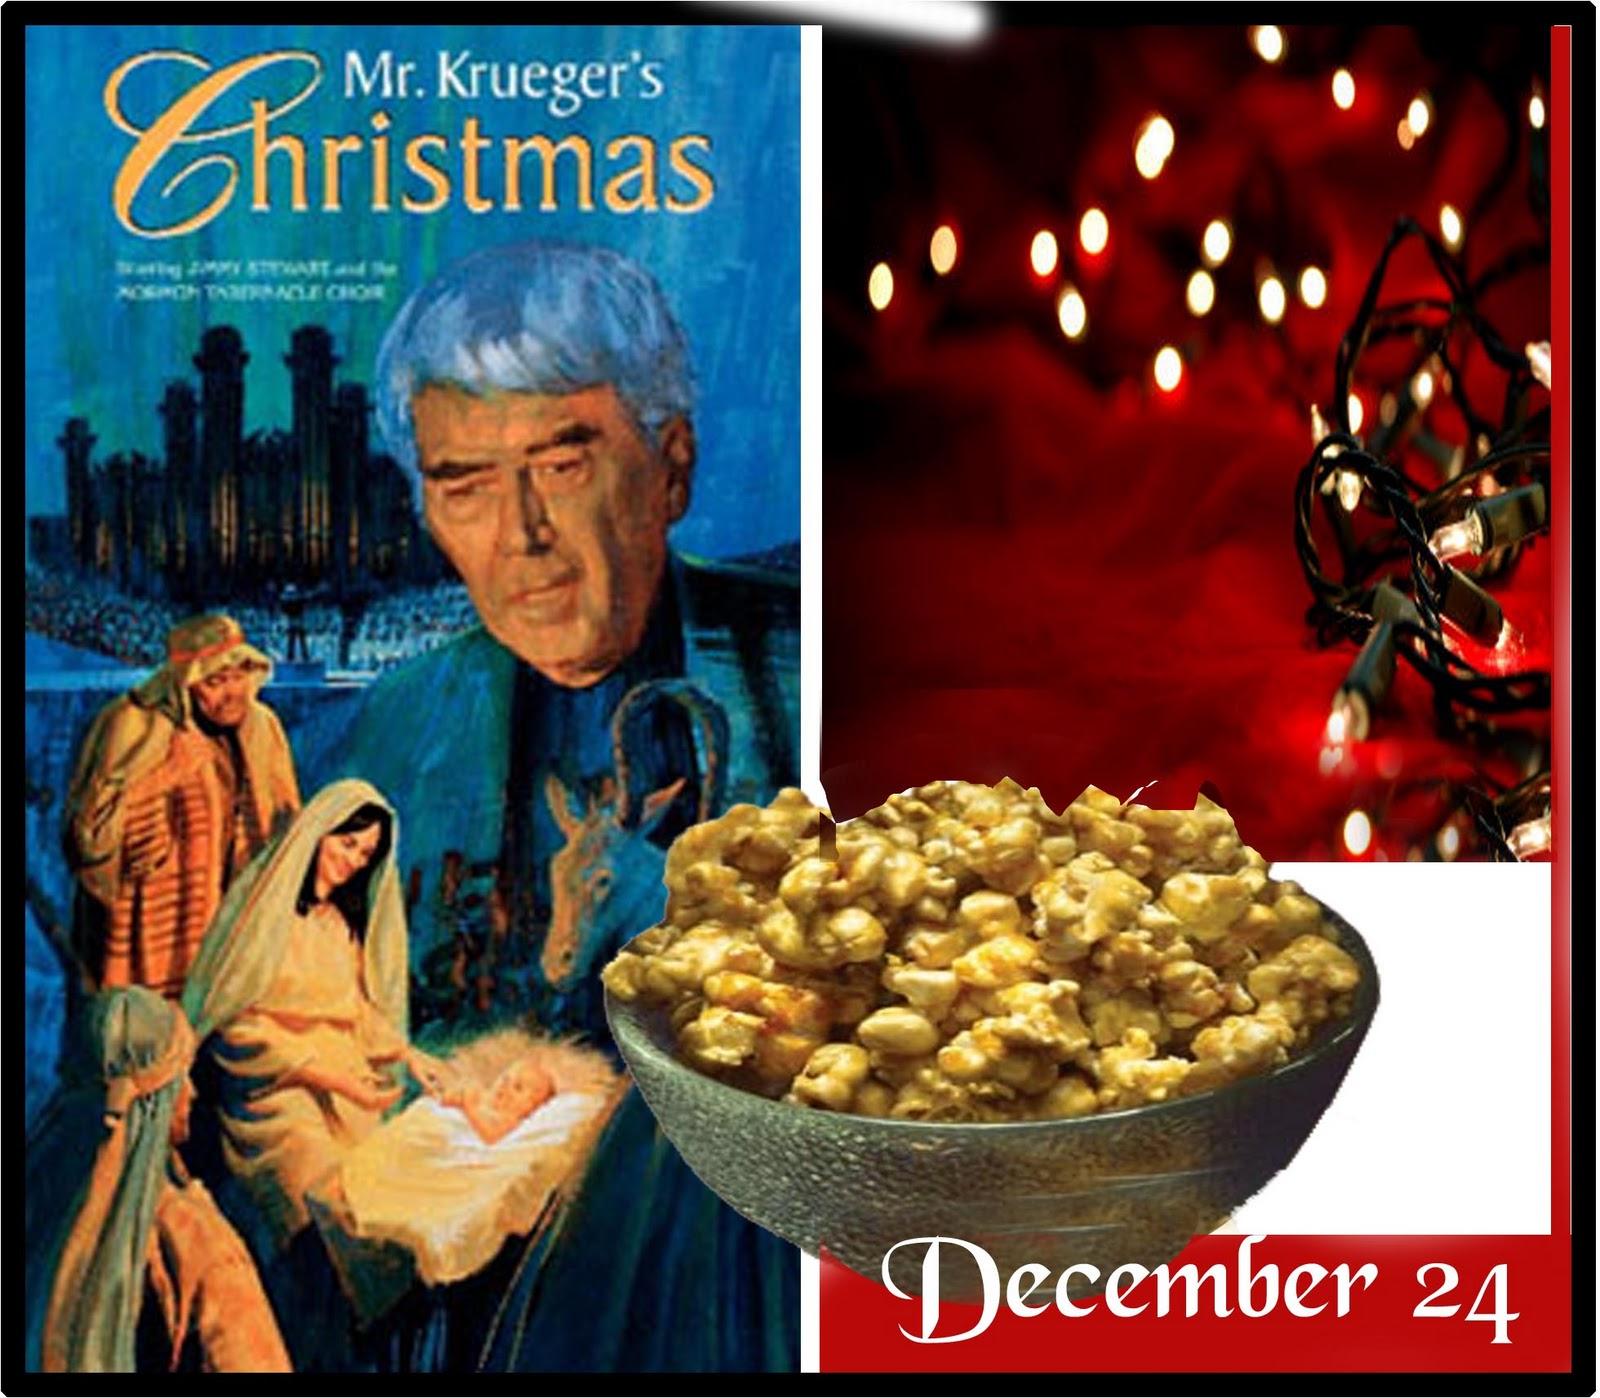 Elder JJ Simonsen: News from Elder Simonsen- Christmas in the MTC 2010